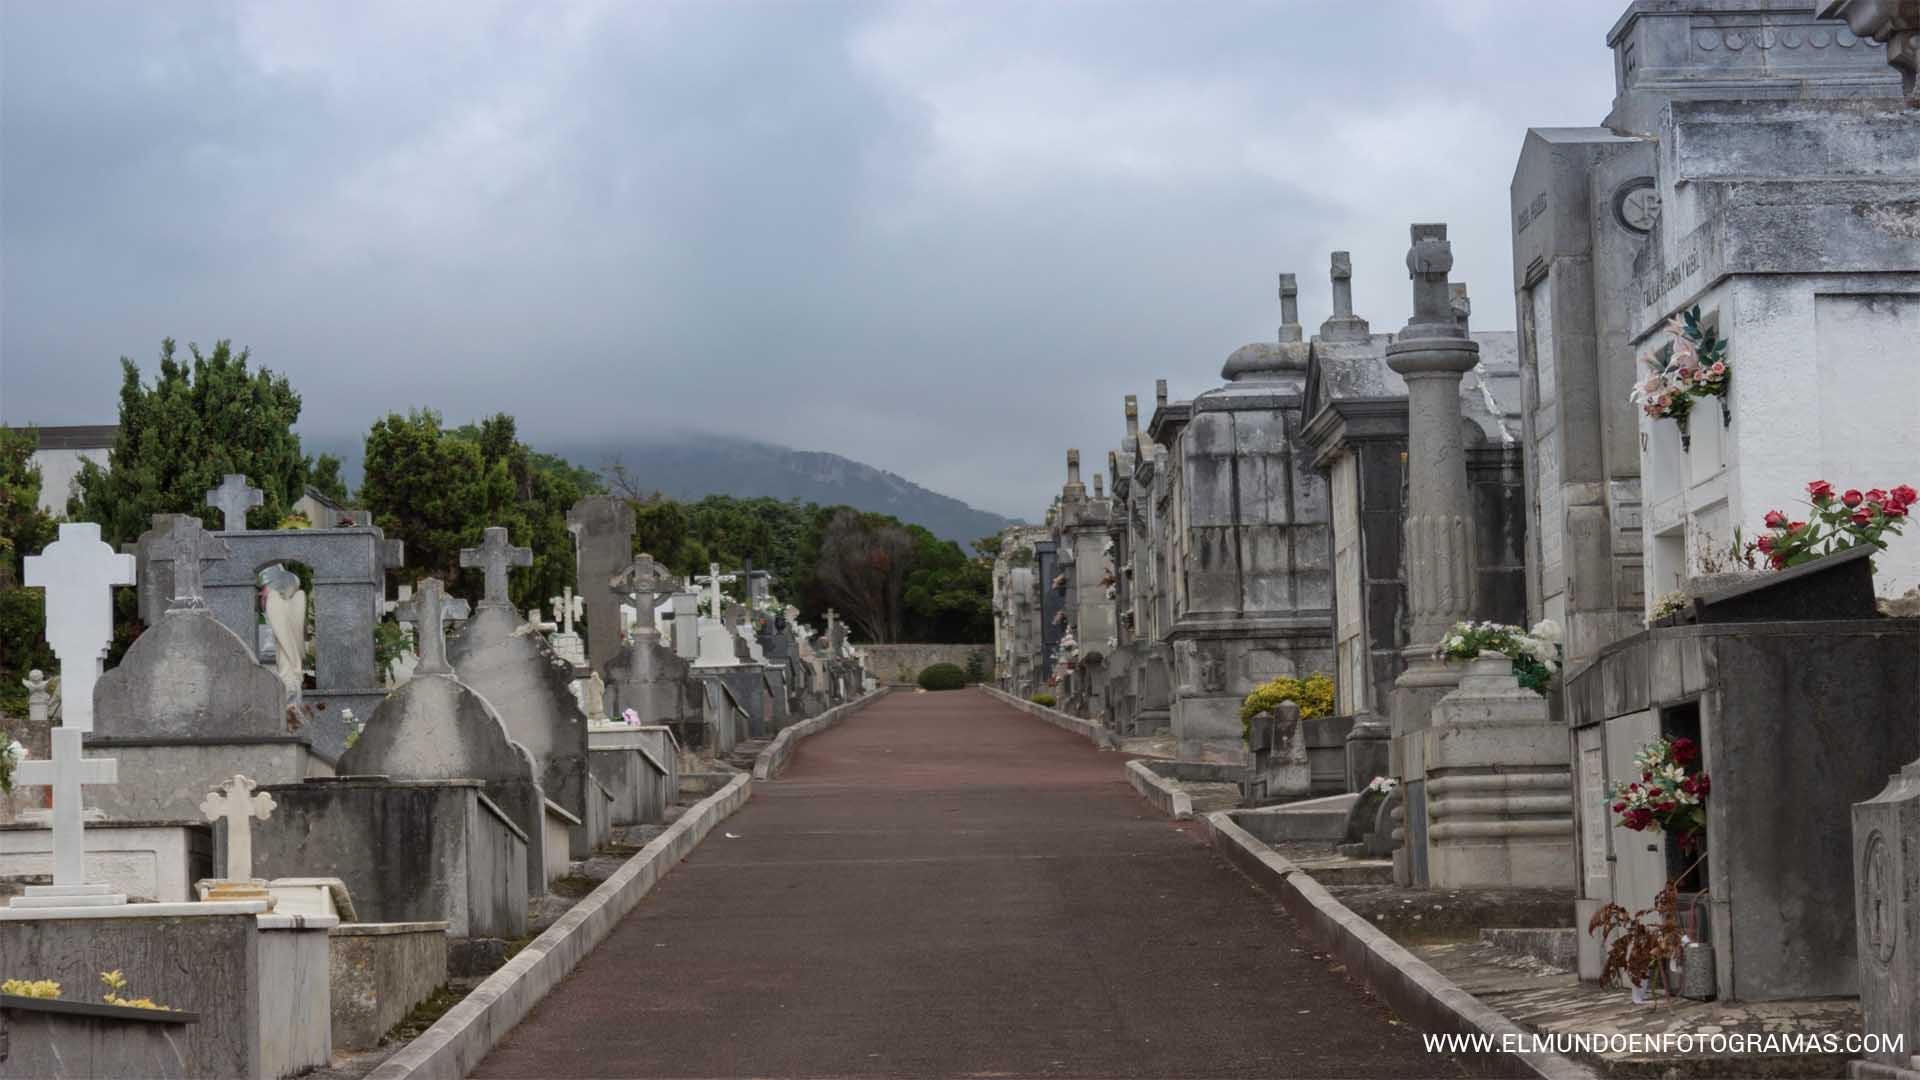 cementerio-castro-urdiales